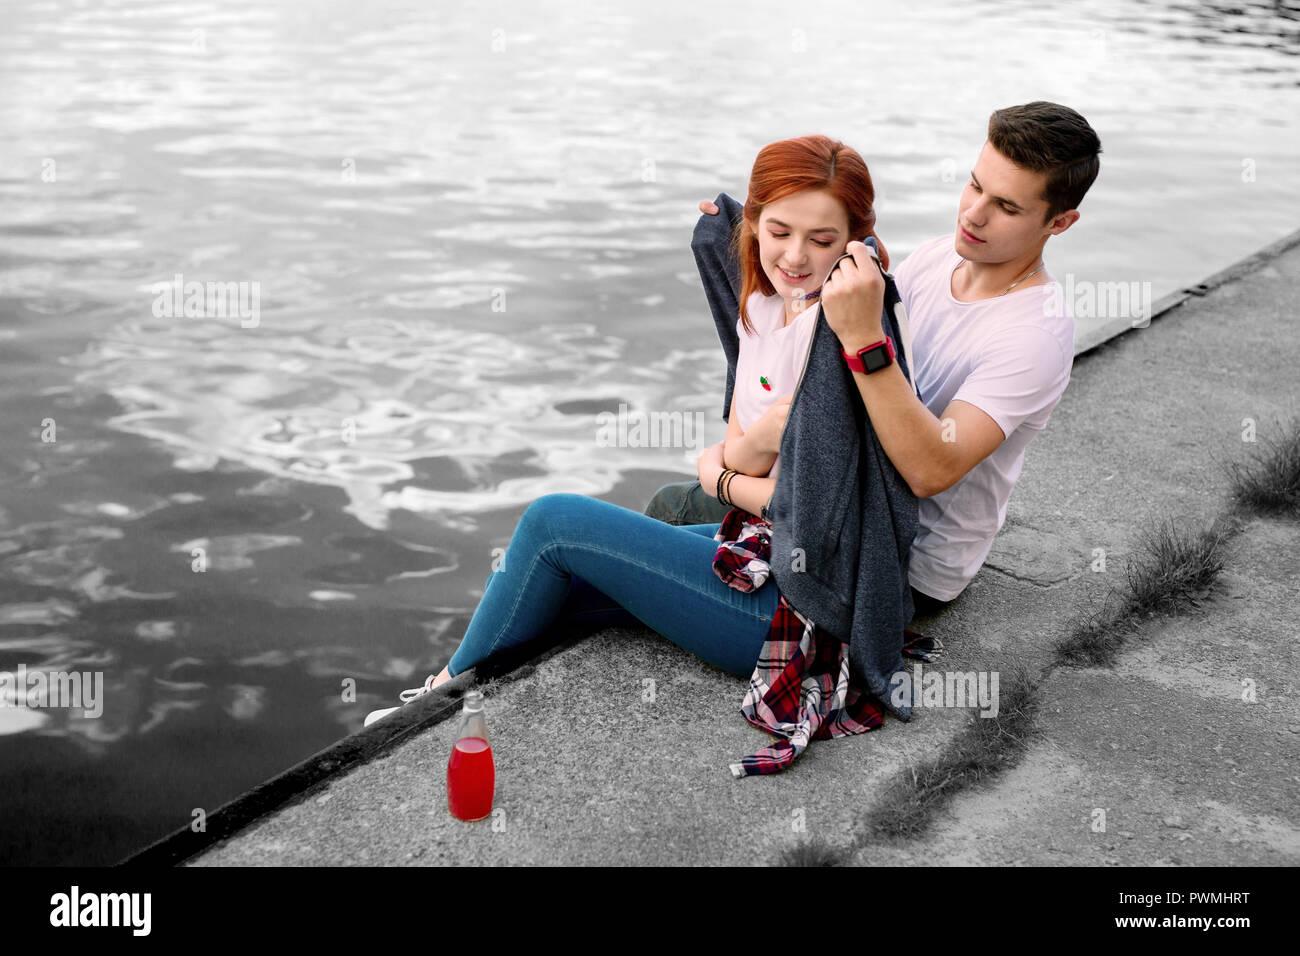 Petit ami aimant prendre soin de donner son veston sport sa petite amie sur soirée froide Photo Stock